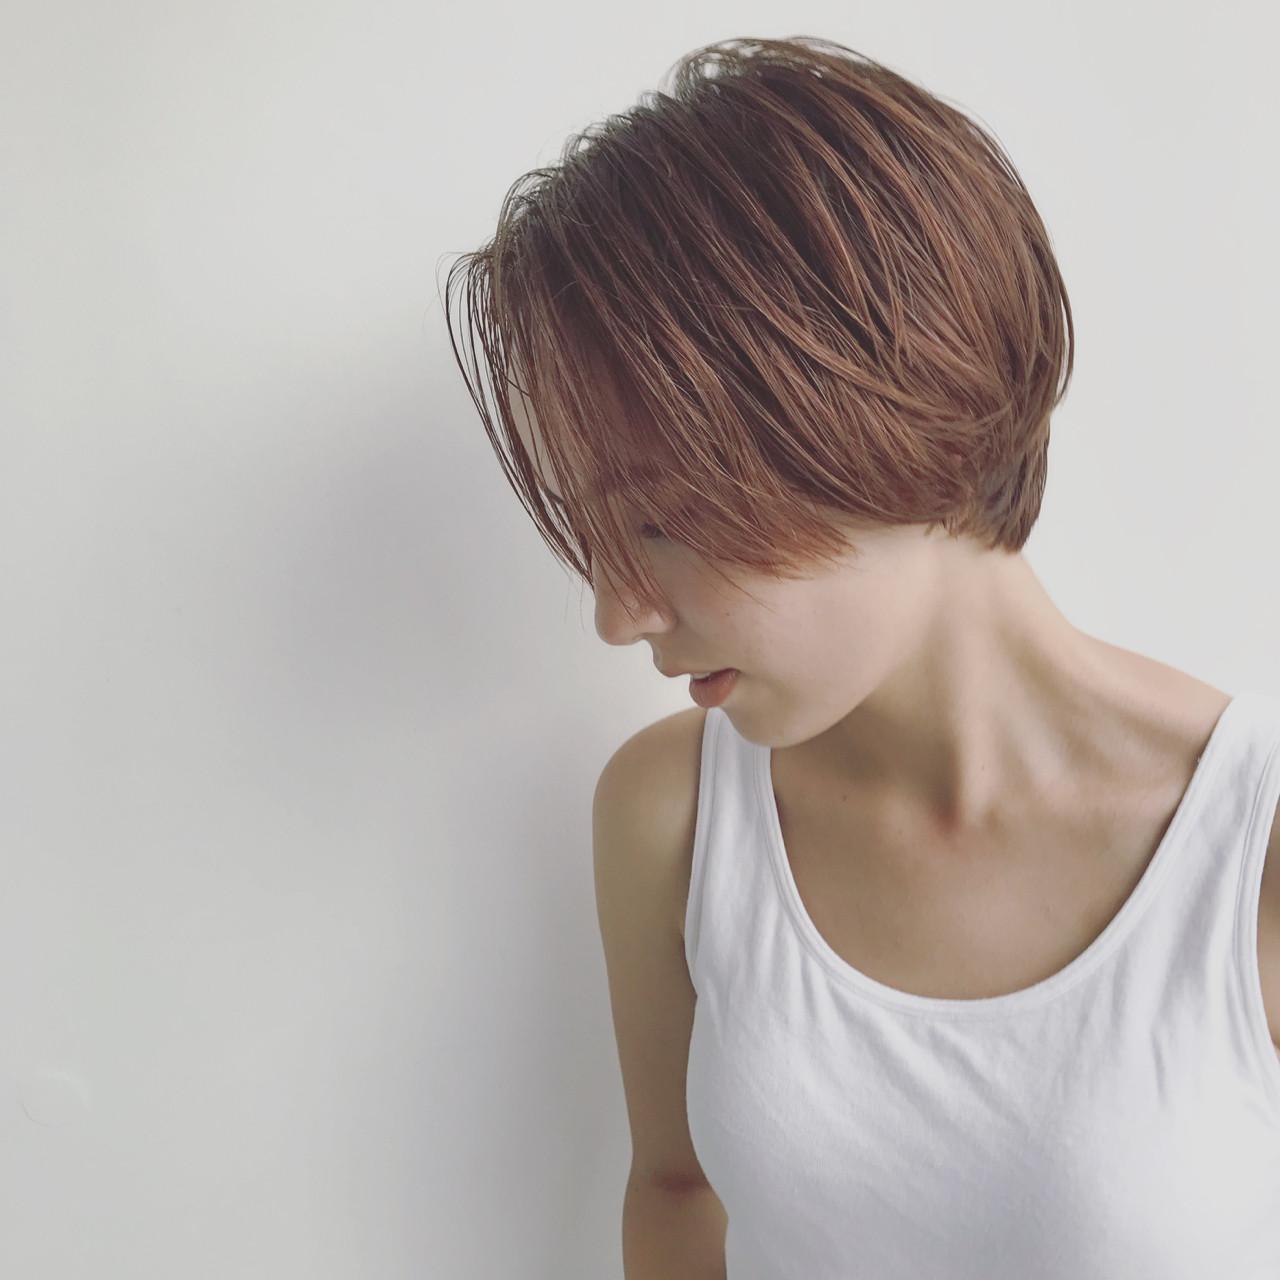 前髪あり ストリート 抜け感 ハイトーン ヘアスタイルや髪型の写真・画像